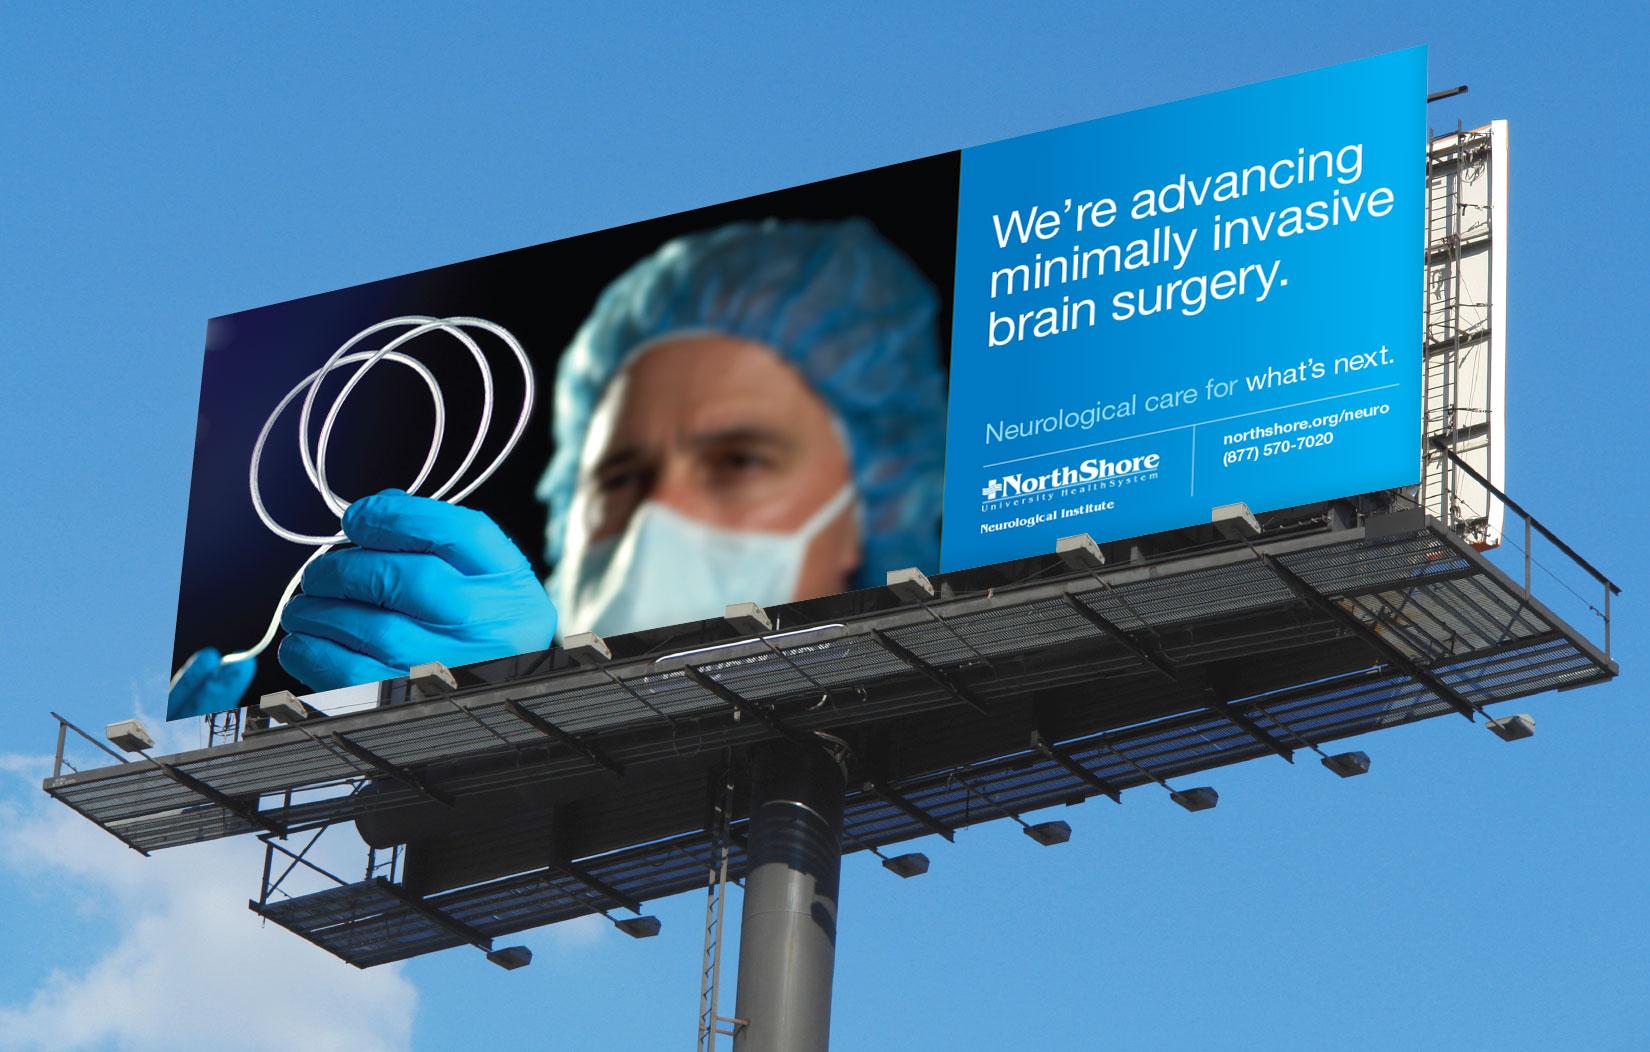 billboard-advertising-elenapotter.jpg